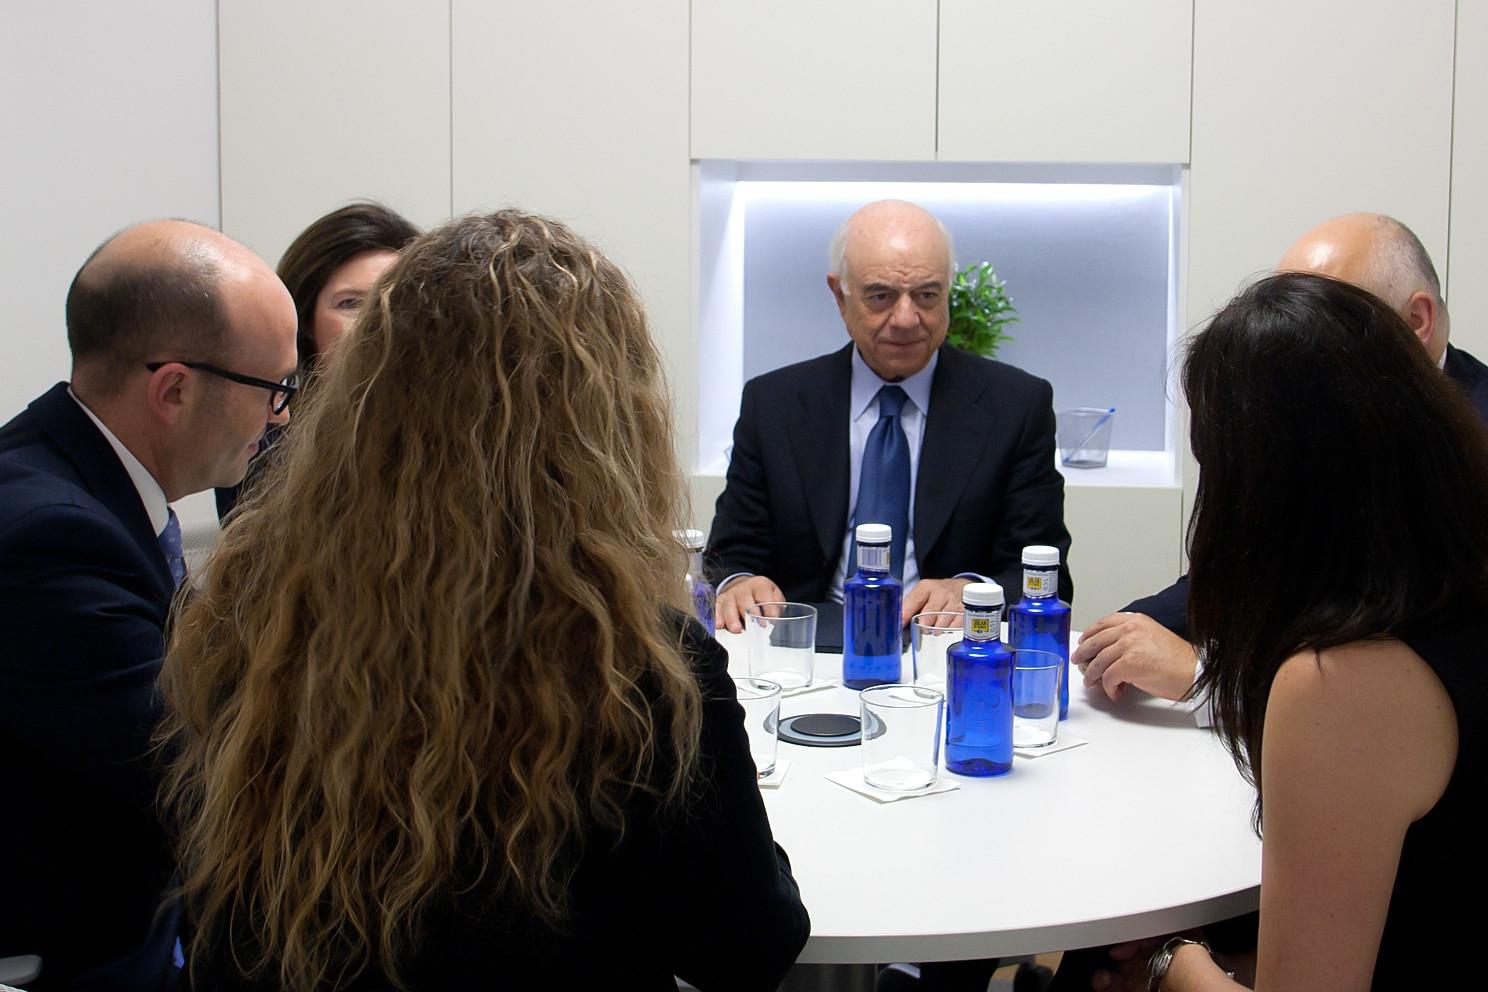 Visita del presidente de BBVA a una oficina en Cataluña